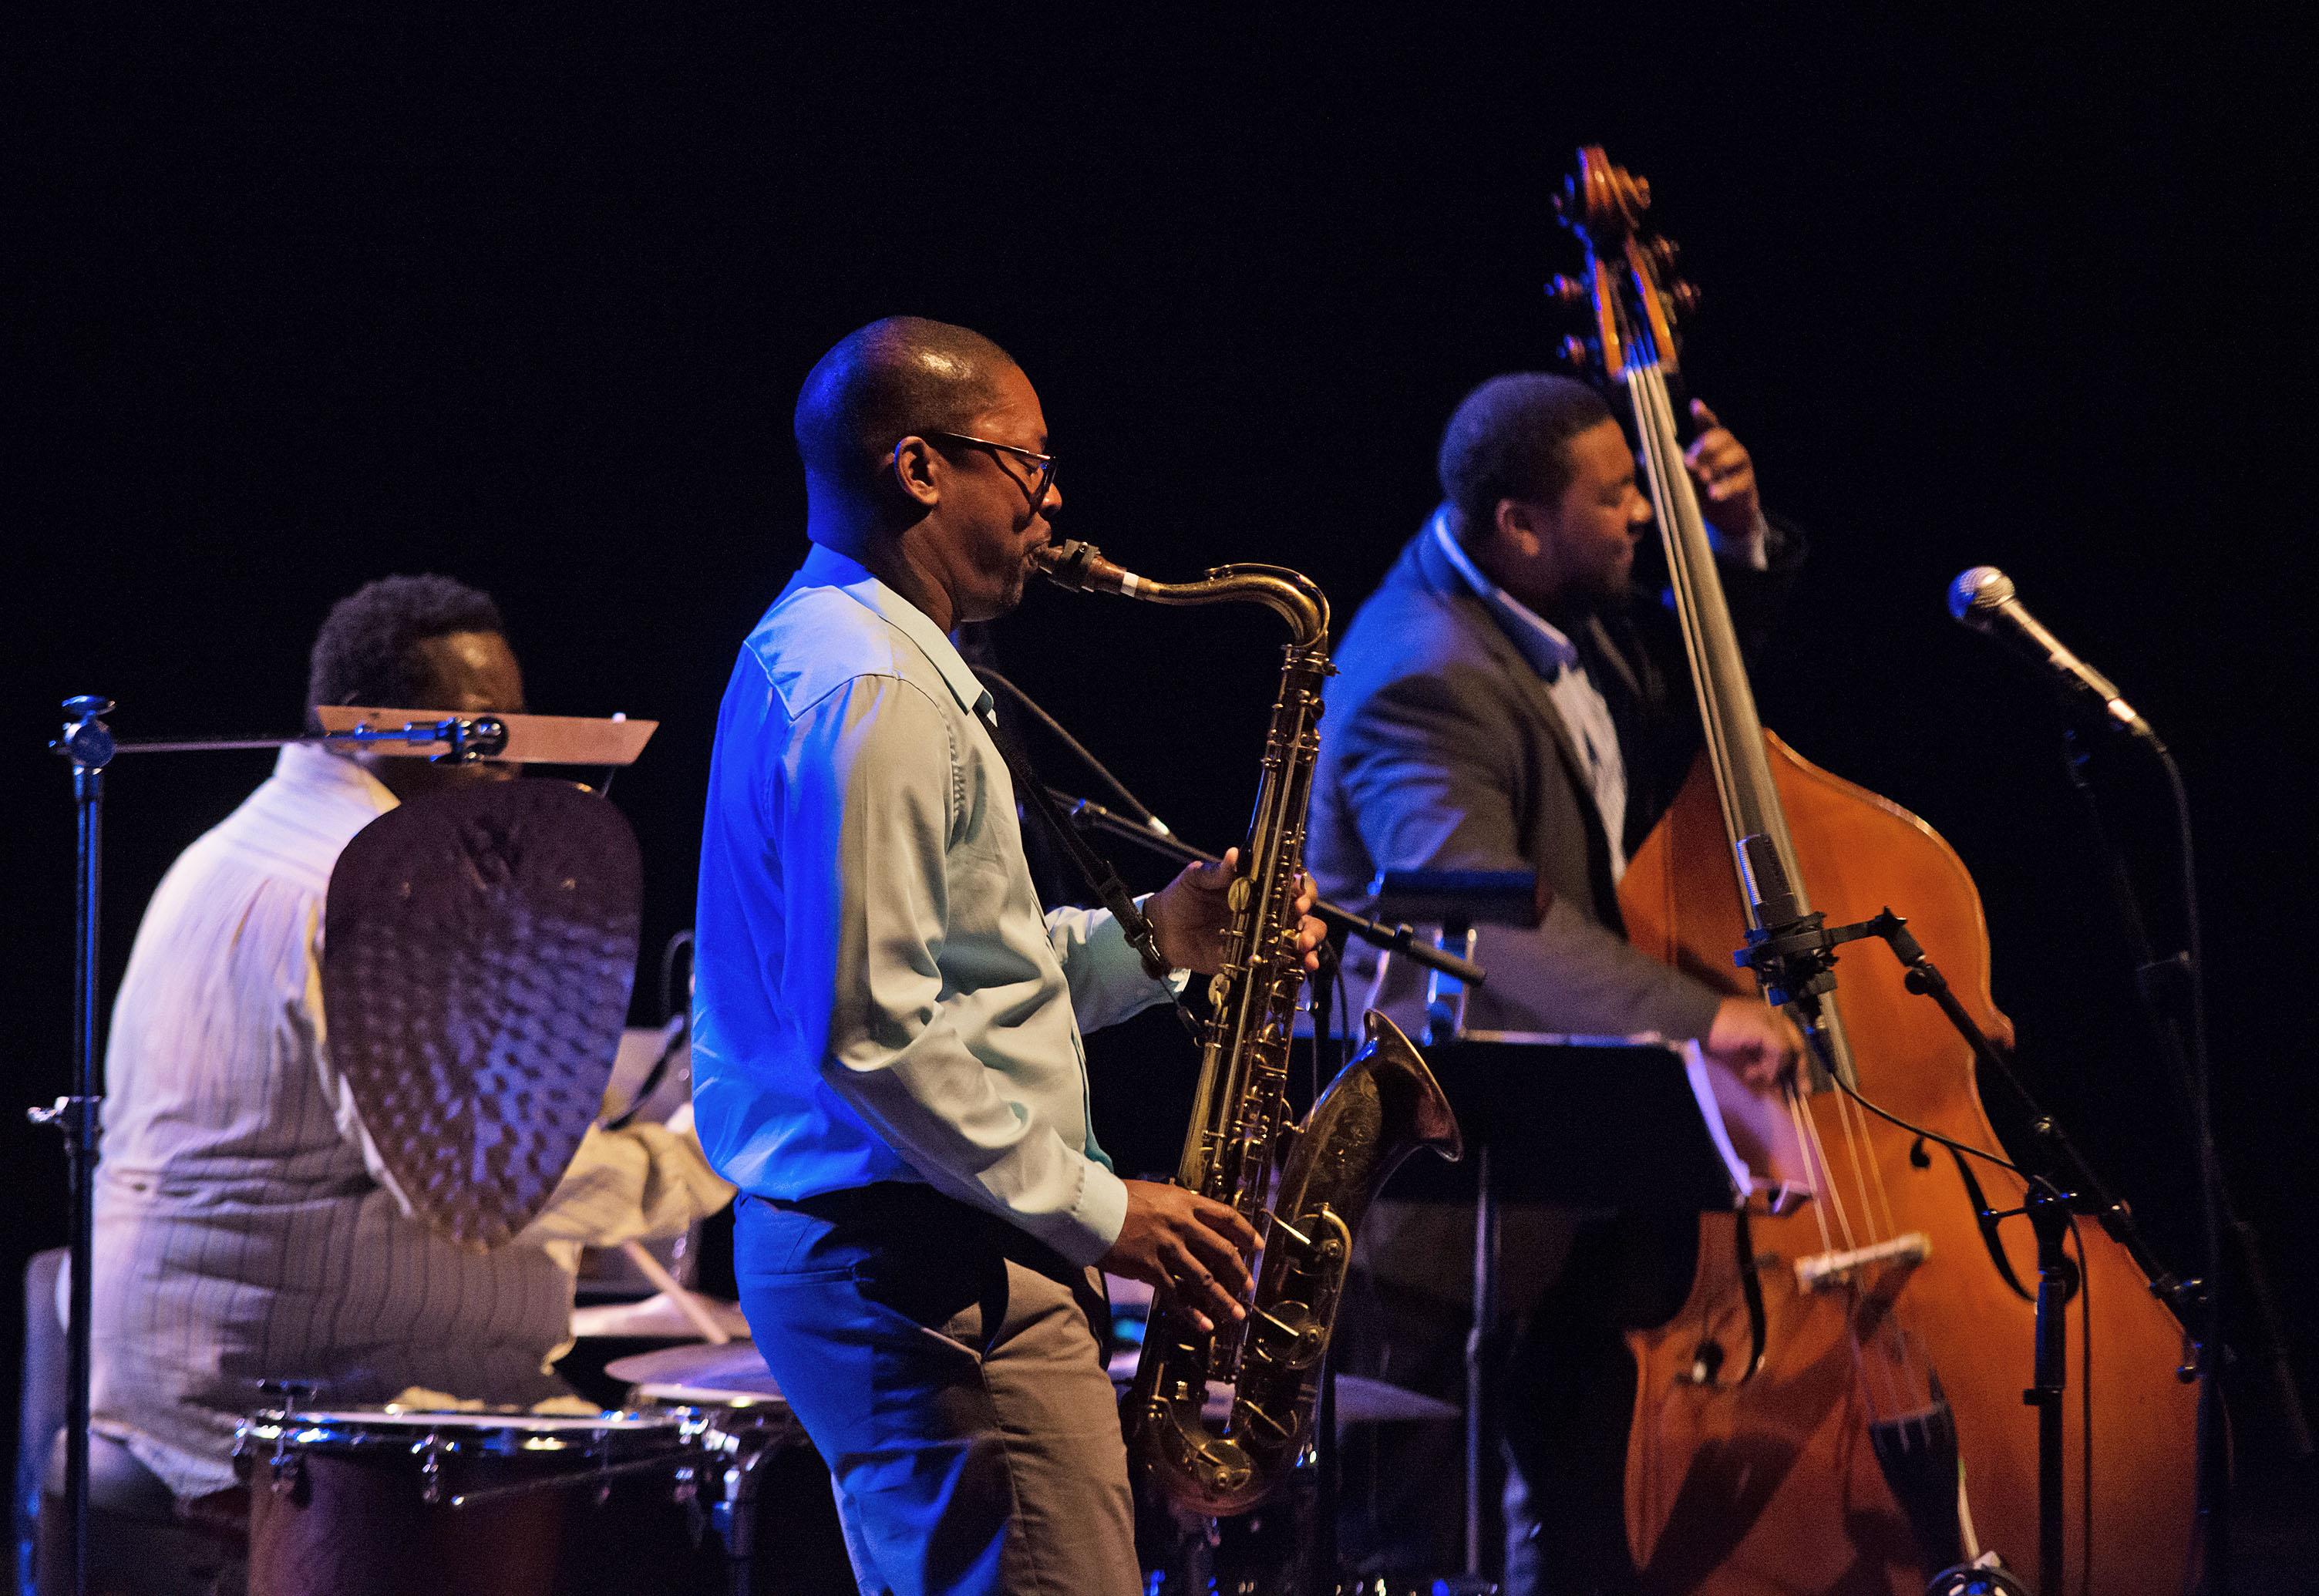 Ravi coltrane quartet, 2013 montreal jazz festival